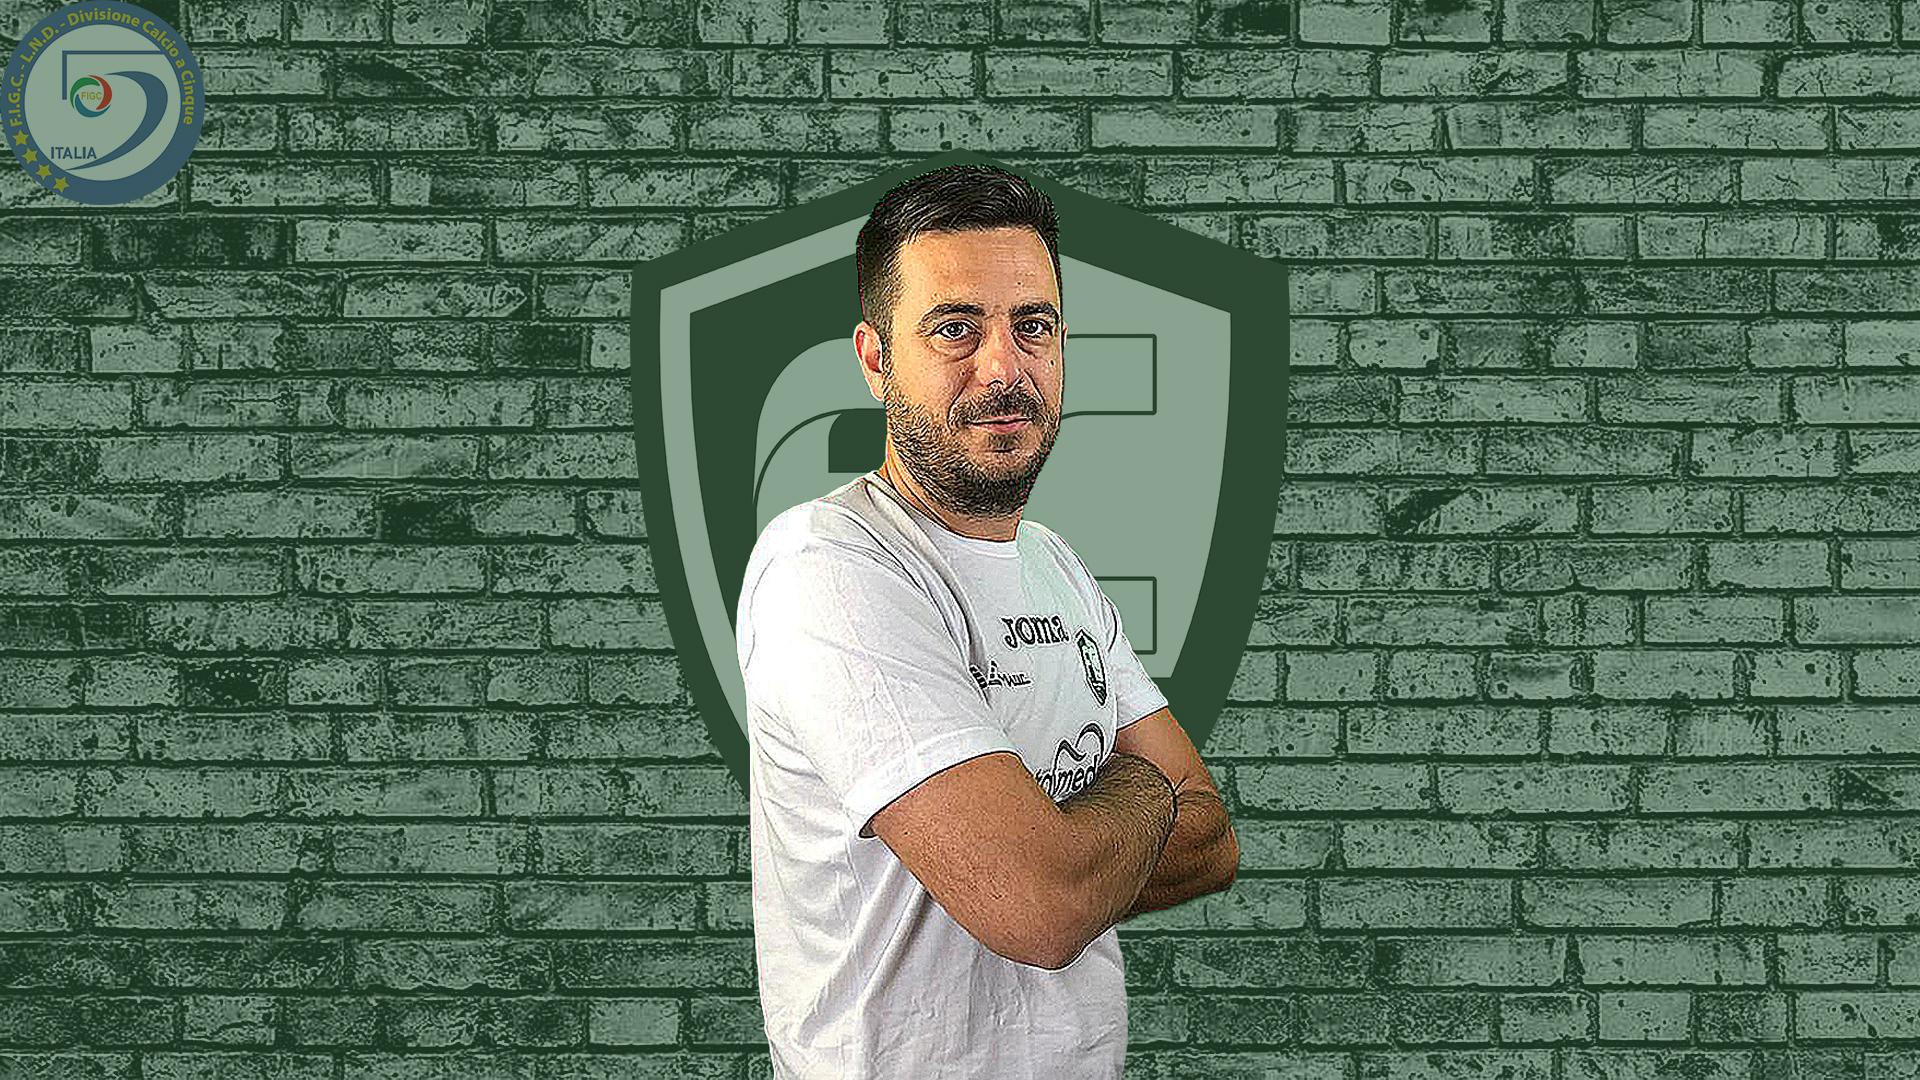 Ufficiale: Valerio De Bellis è il nuovo mister Under 19 Nazionale